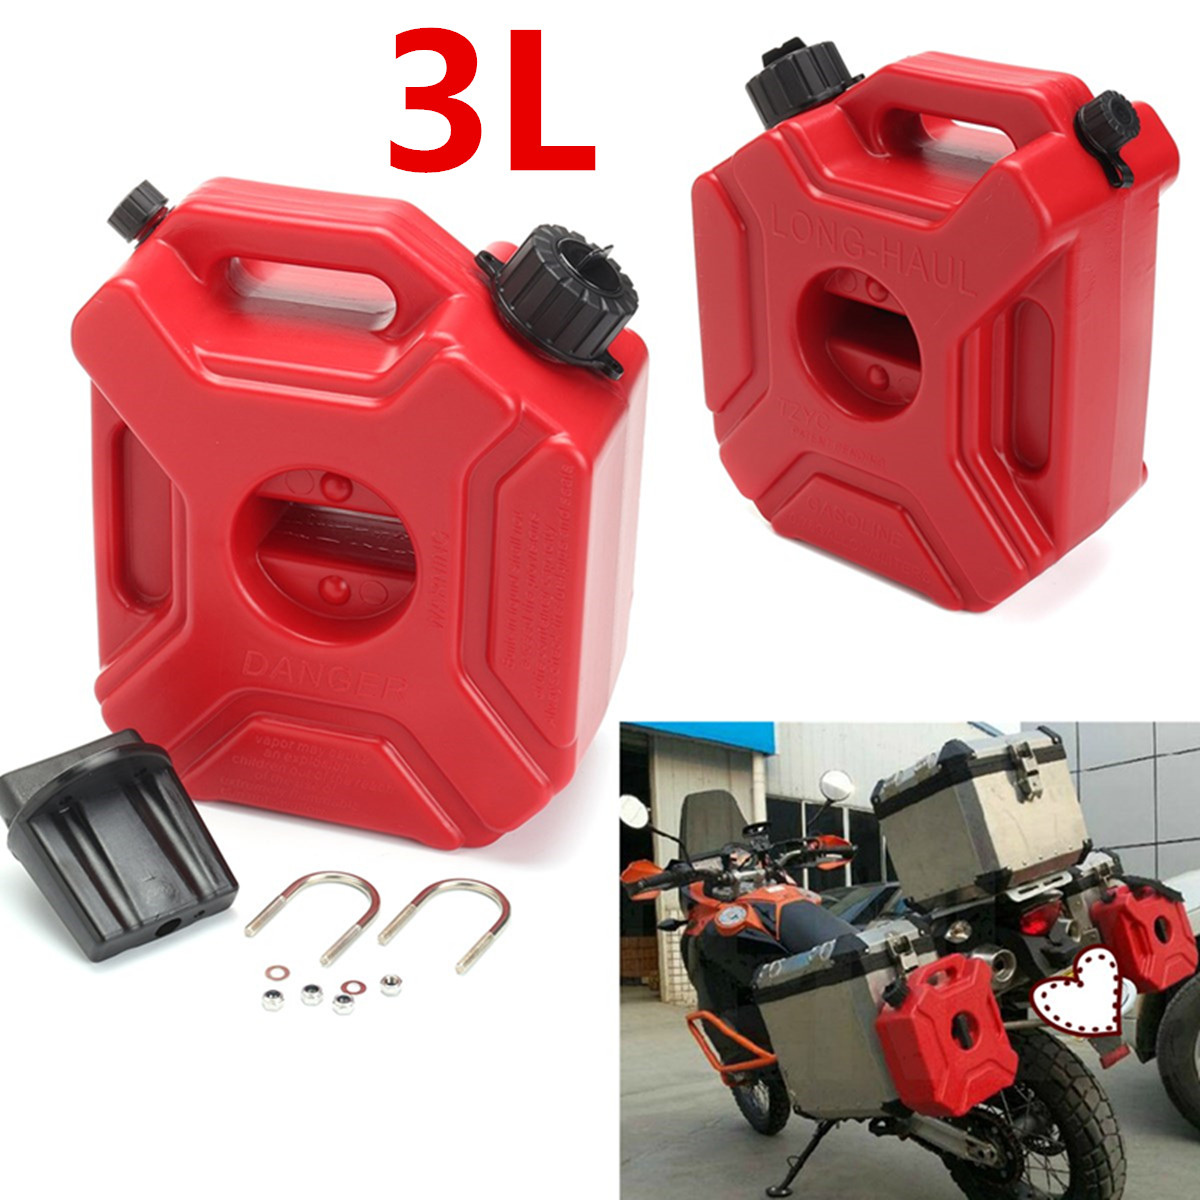 Portable jerrycan gaz réservoir de carburant en plastique essence voiture Gokart conteneur de rechange essence réservoirs d'essence bidon ATV UTV moto 3L